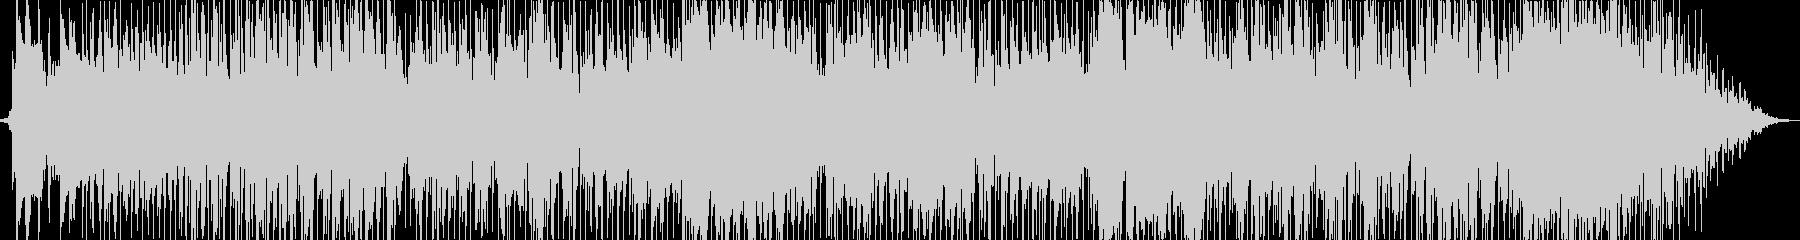 有名なジングルベルですが、ファンク...の未再生の波形